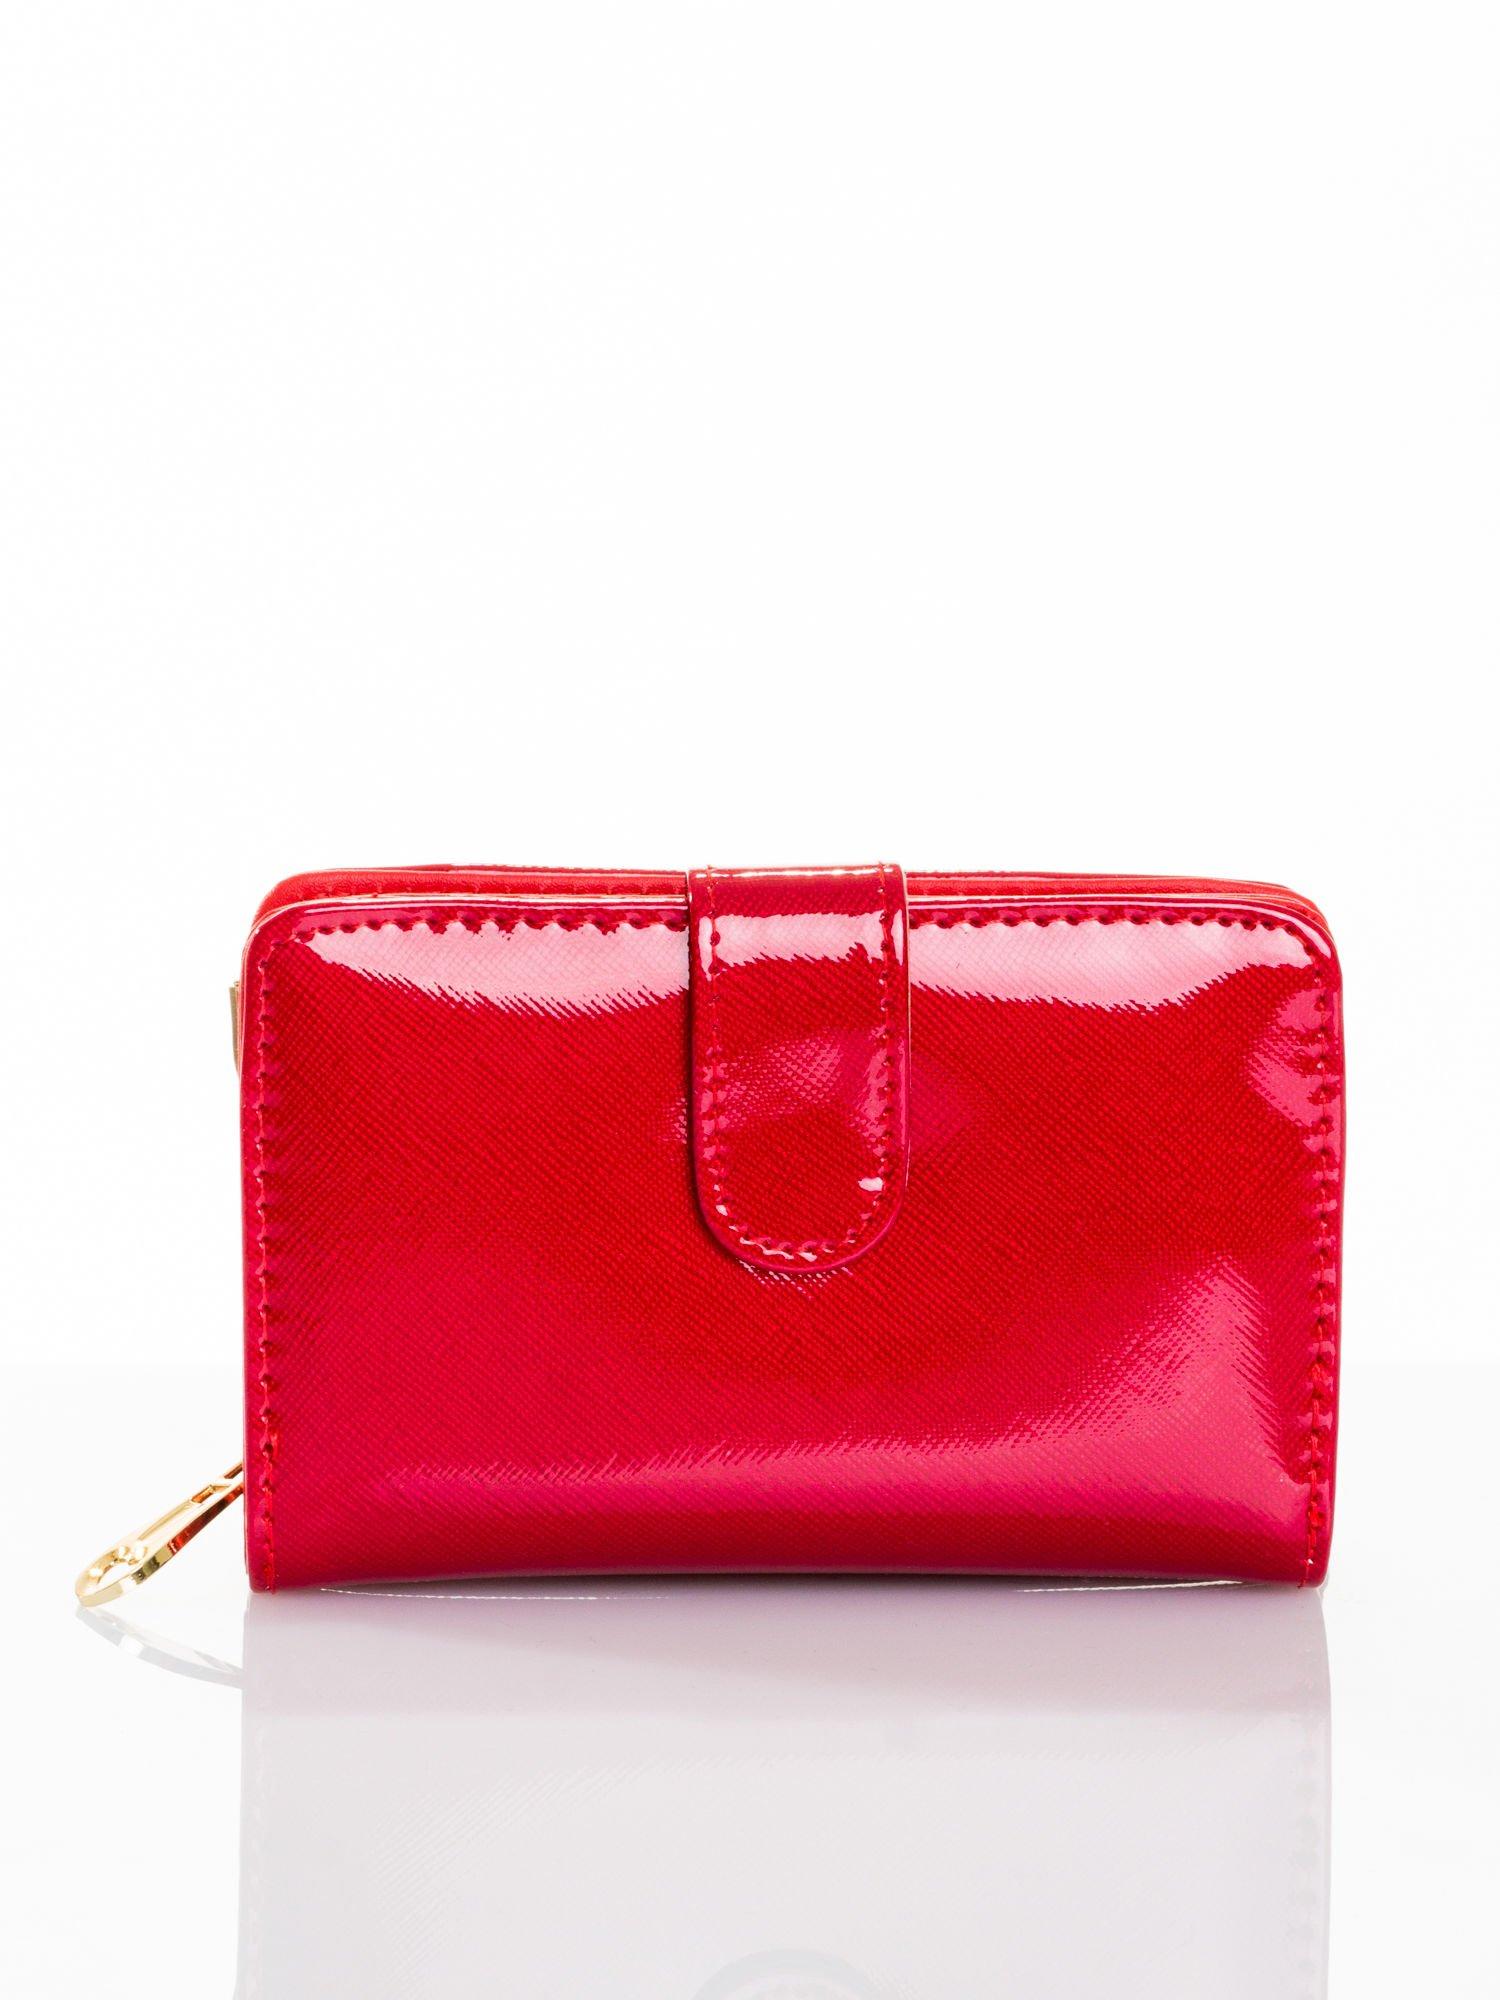 Ciemnoczerwony portfel efekt skóry saffiano                                  zdj.                                  1